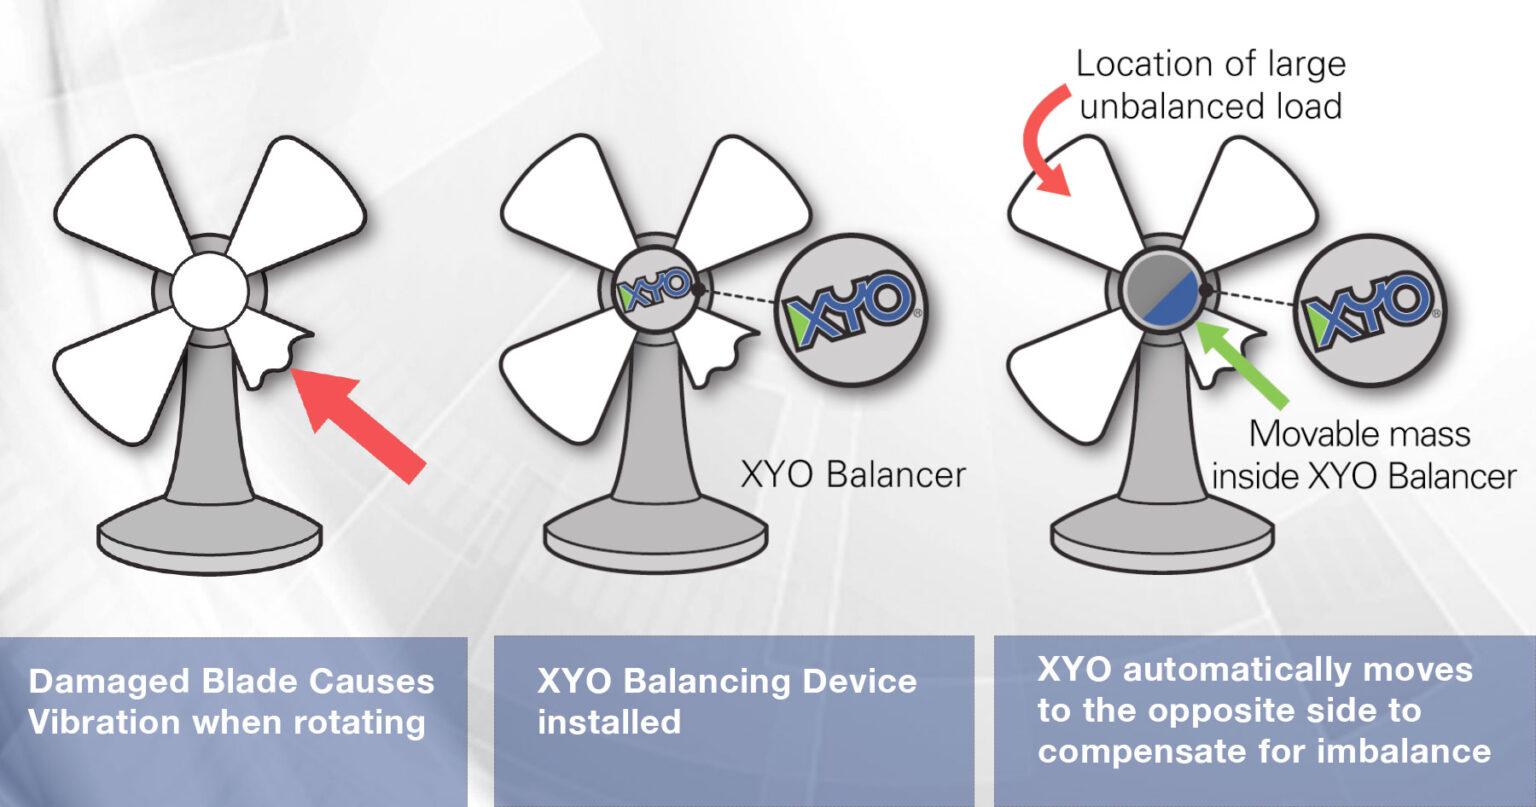 XYO technology